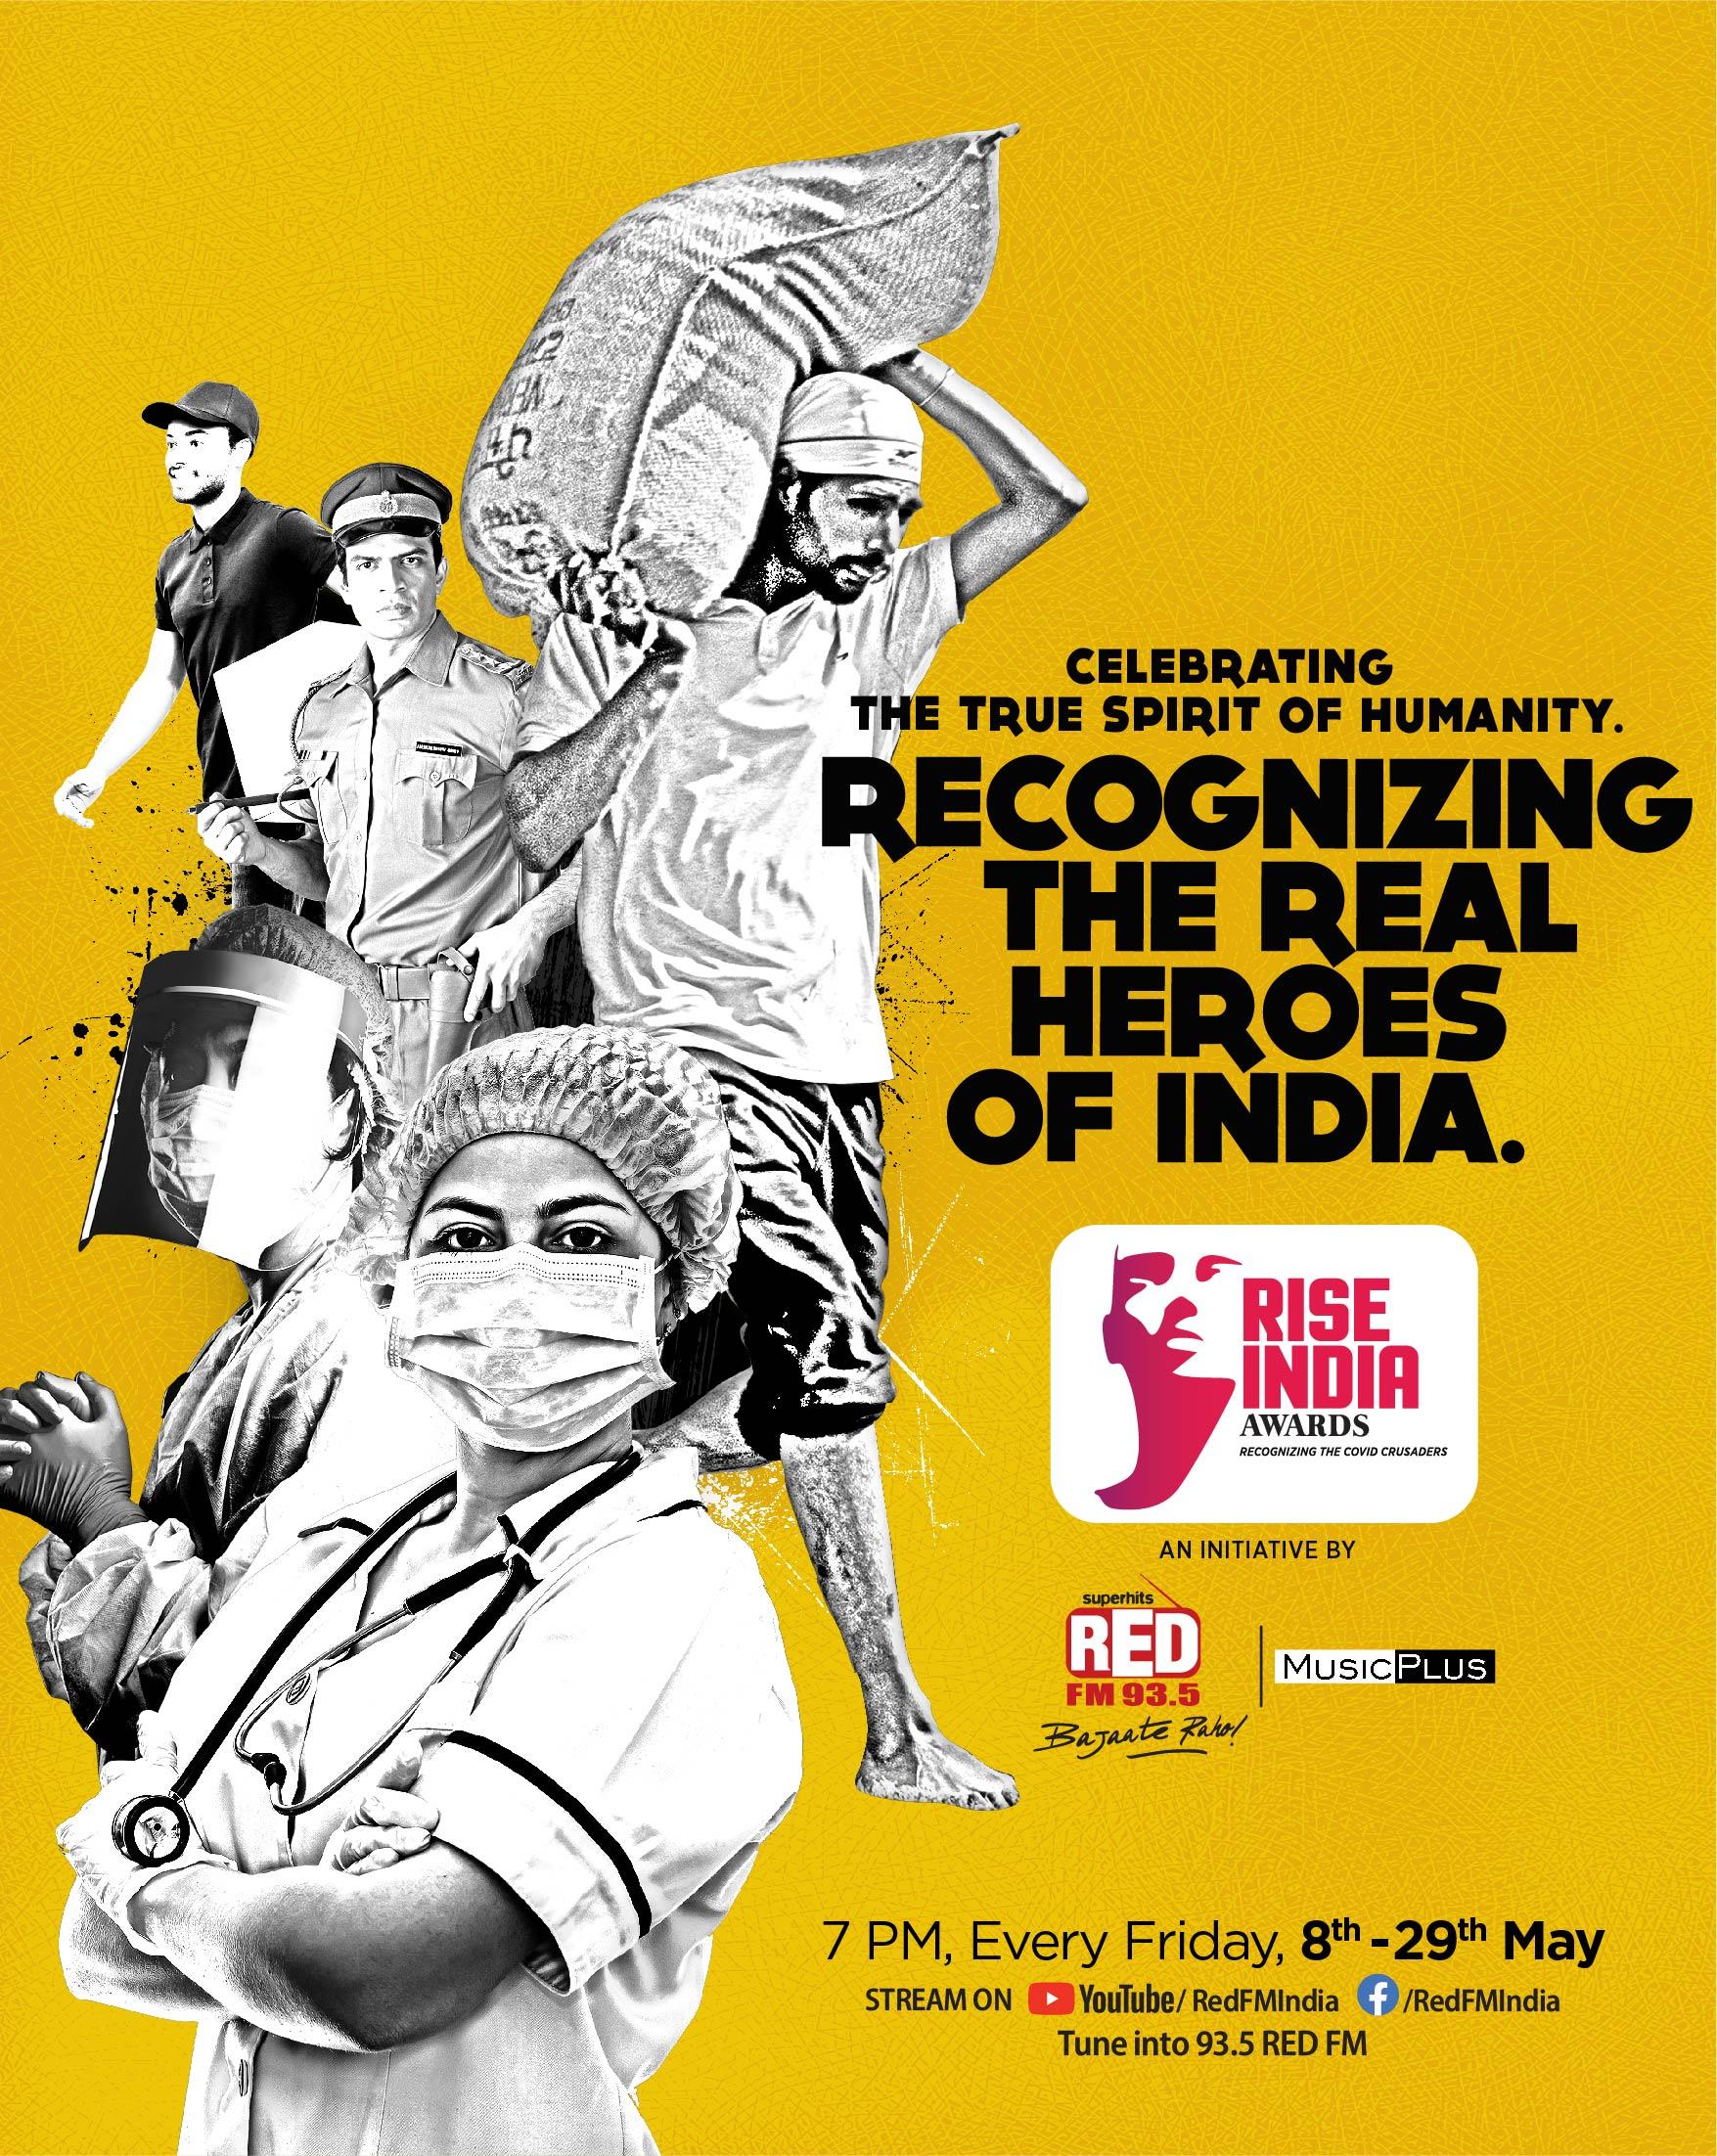 RISE INDIA AWARDS 93.5 FM